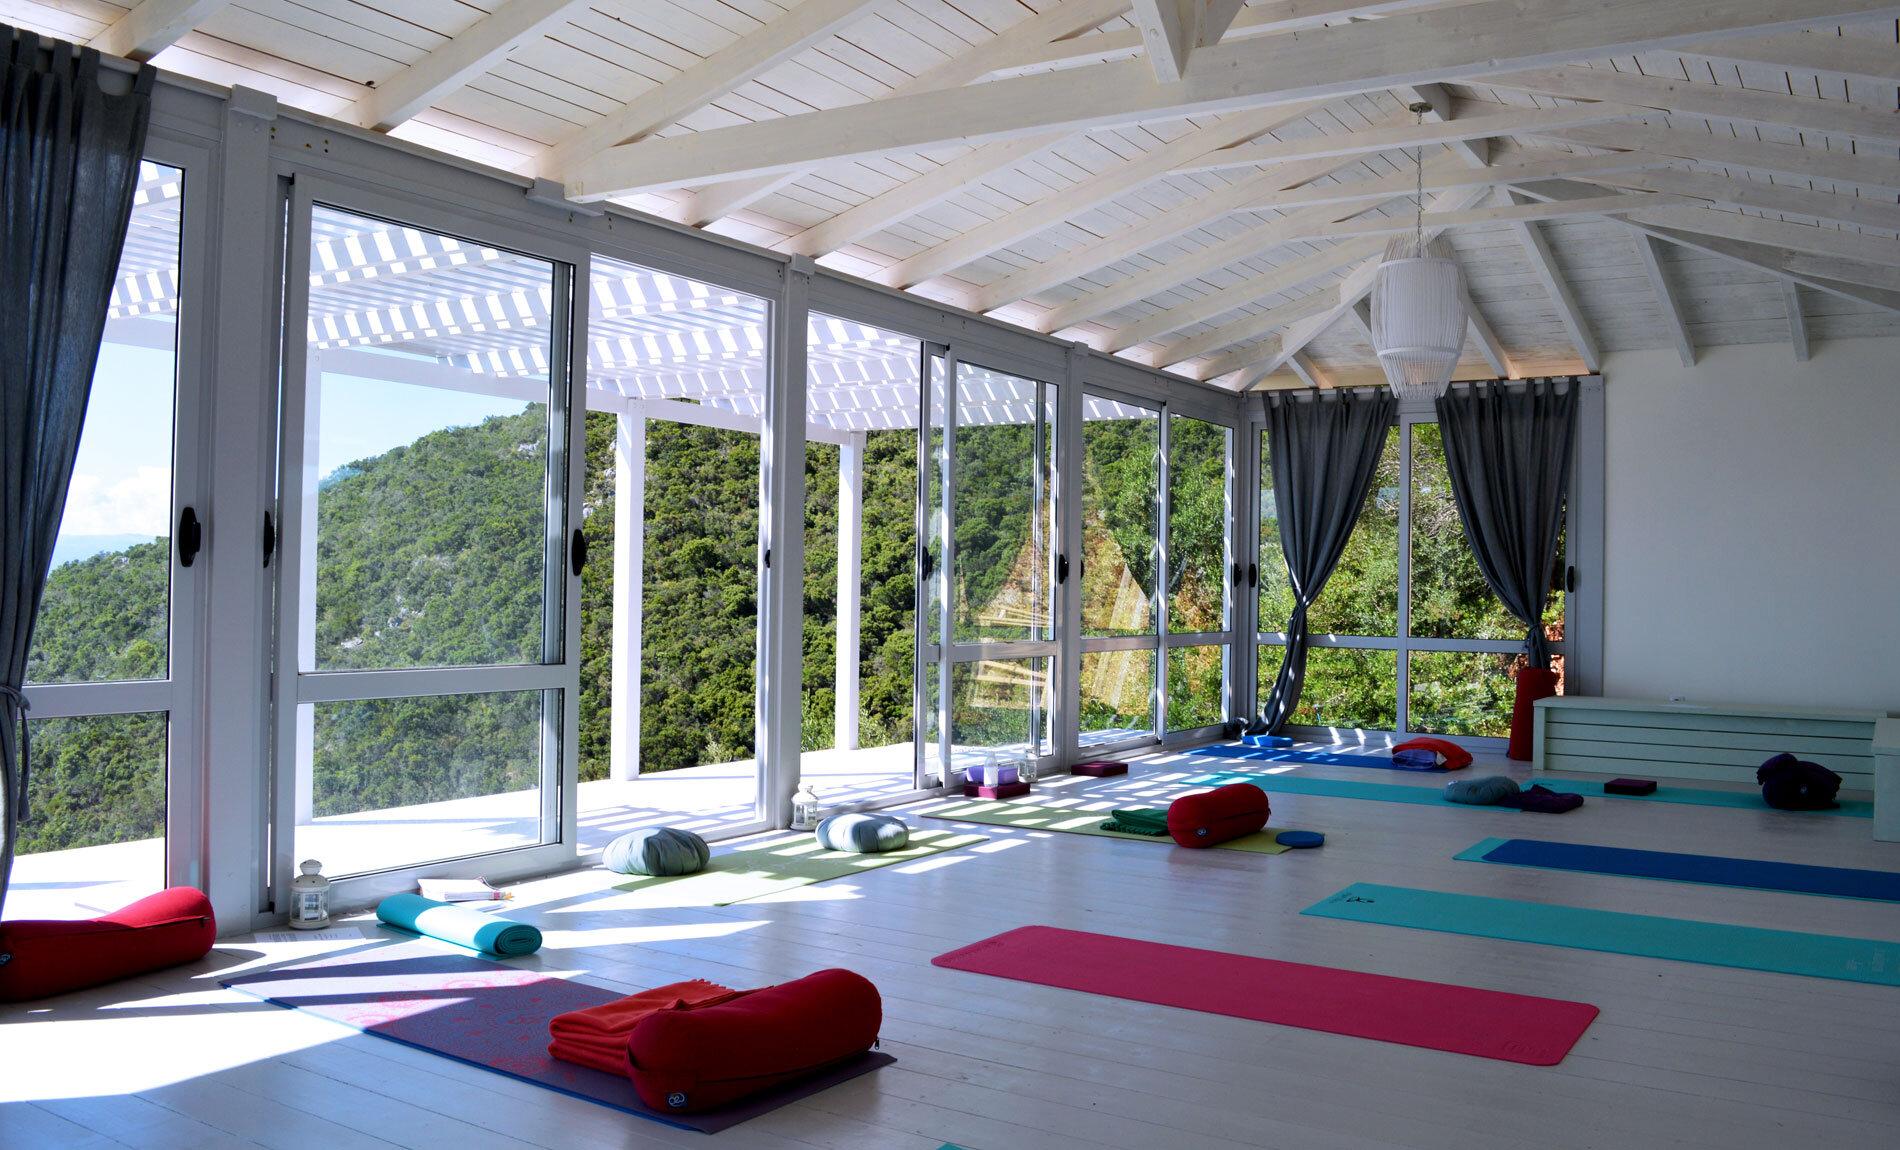 yoga-pavilion-2017-web3.jpg